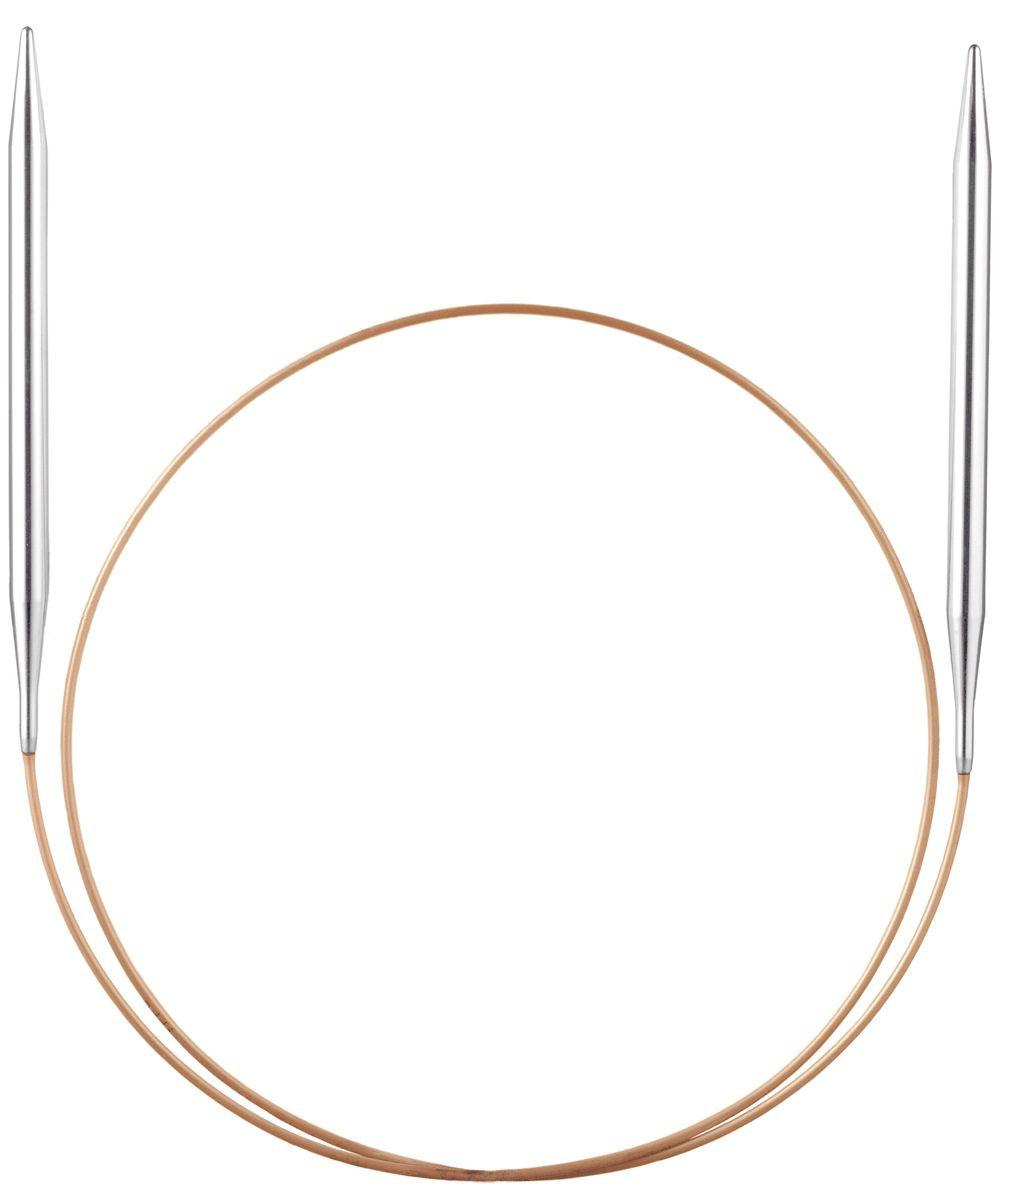 Спицы круговые Addi, супергладкие, диаметр 10 мм, длина 150 см105-7/10-150Спицы Addi, изготовленные из никеля, прекрасно подойдут для вязания изделий без швов. Короткими круговыми спицами вяжут бейки горловины, шапки и варежки, длинными спицами можно вязать по кругу целые модели, например, свитера и пуловеры. Полые и очень легкие спицы с удлиненным кончиком скреплены гибкой леской. Гладкое покрытие и тонкие переходы от спицы к леске позволяют пряже легче скользить. Малый вес изделия убережет ваши руки от усталости при вязании. Вы сможете вязать для себя, делать подарки друзьям. Работа, сделанная своими руками, долго будет радовать вас и ваших близких.